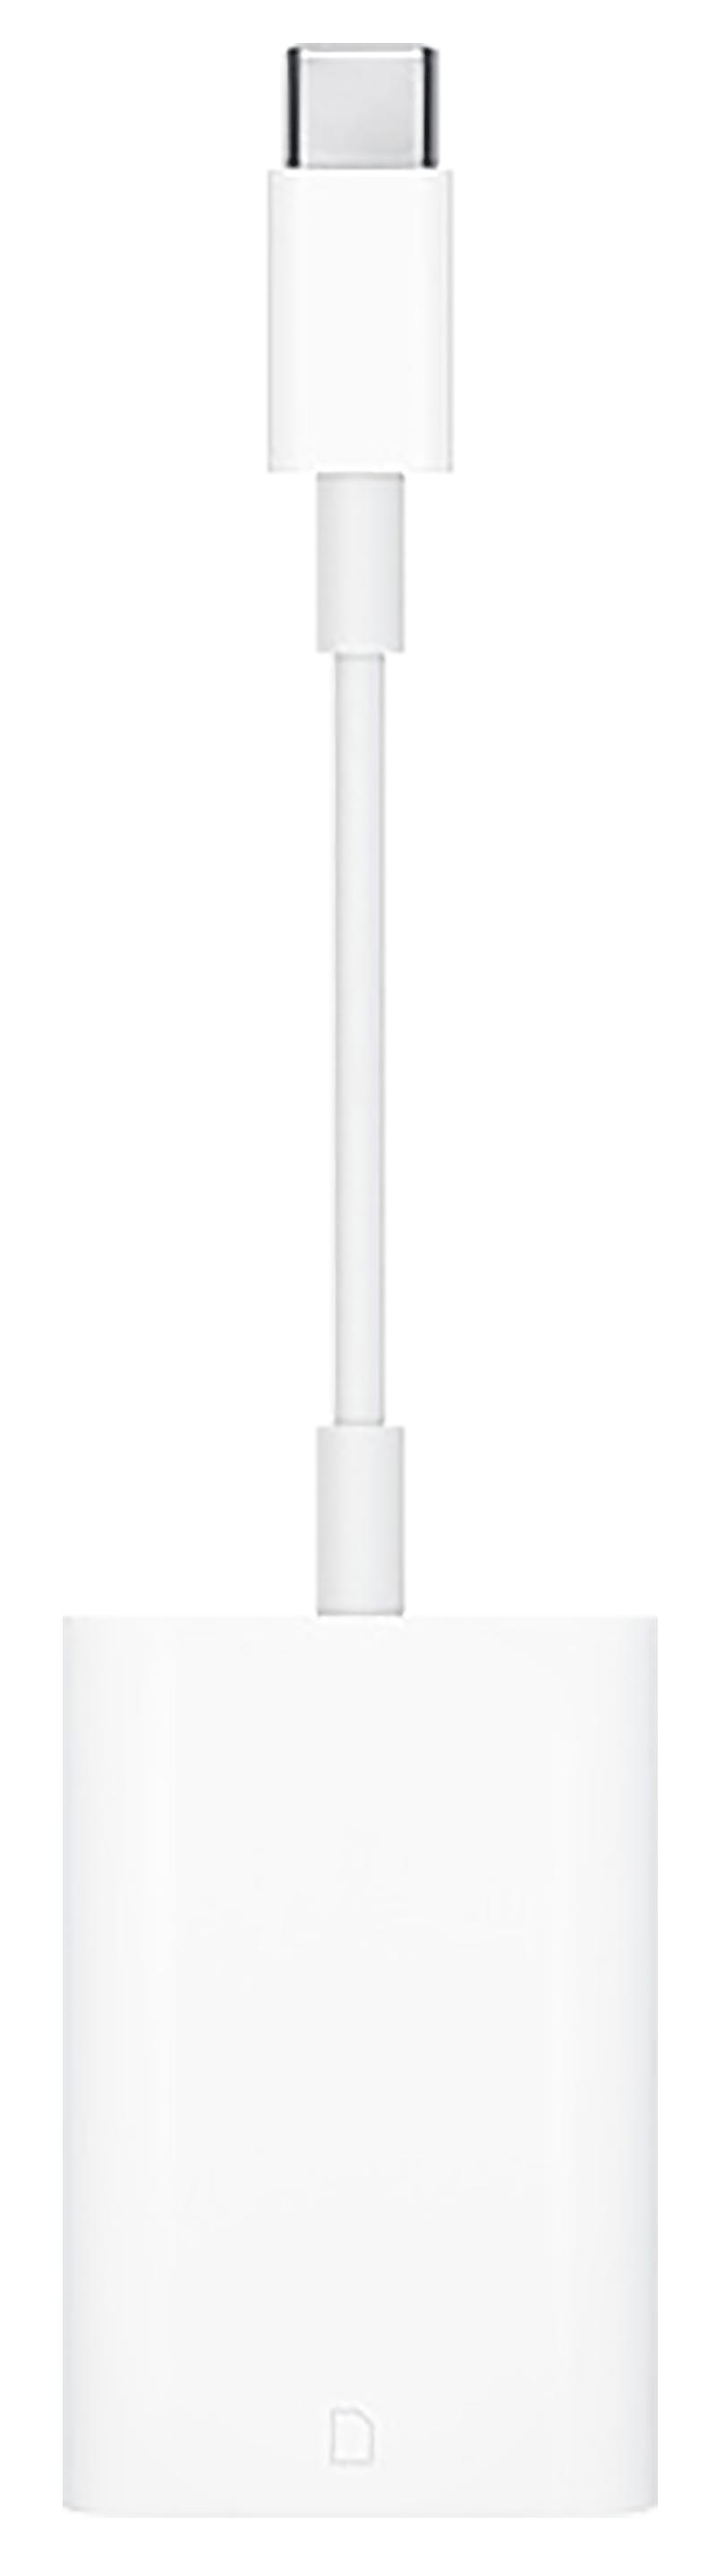 Adaptateur USB-C vers lecteur de carte SD blanc